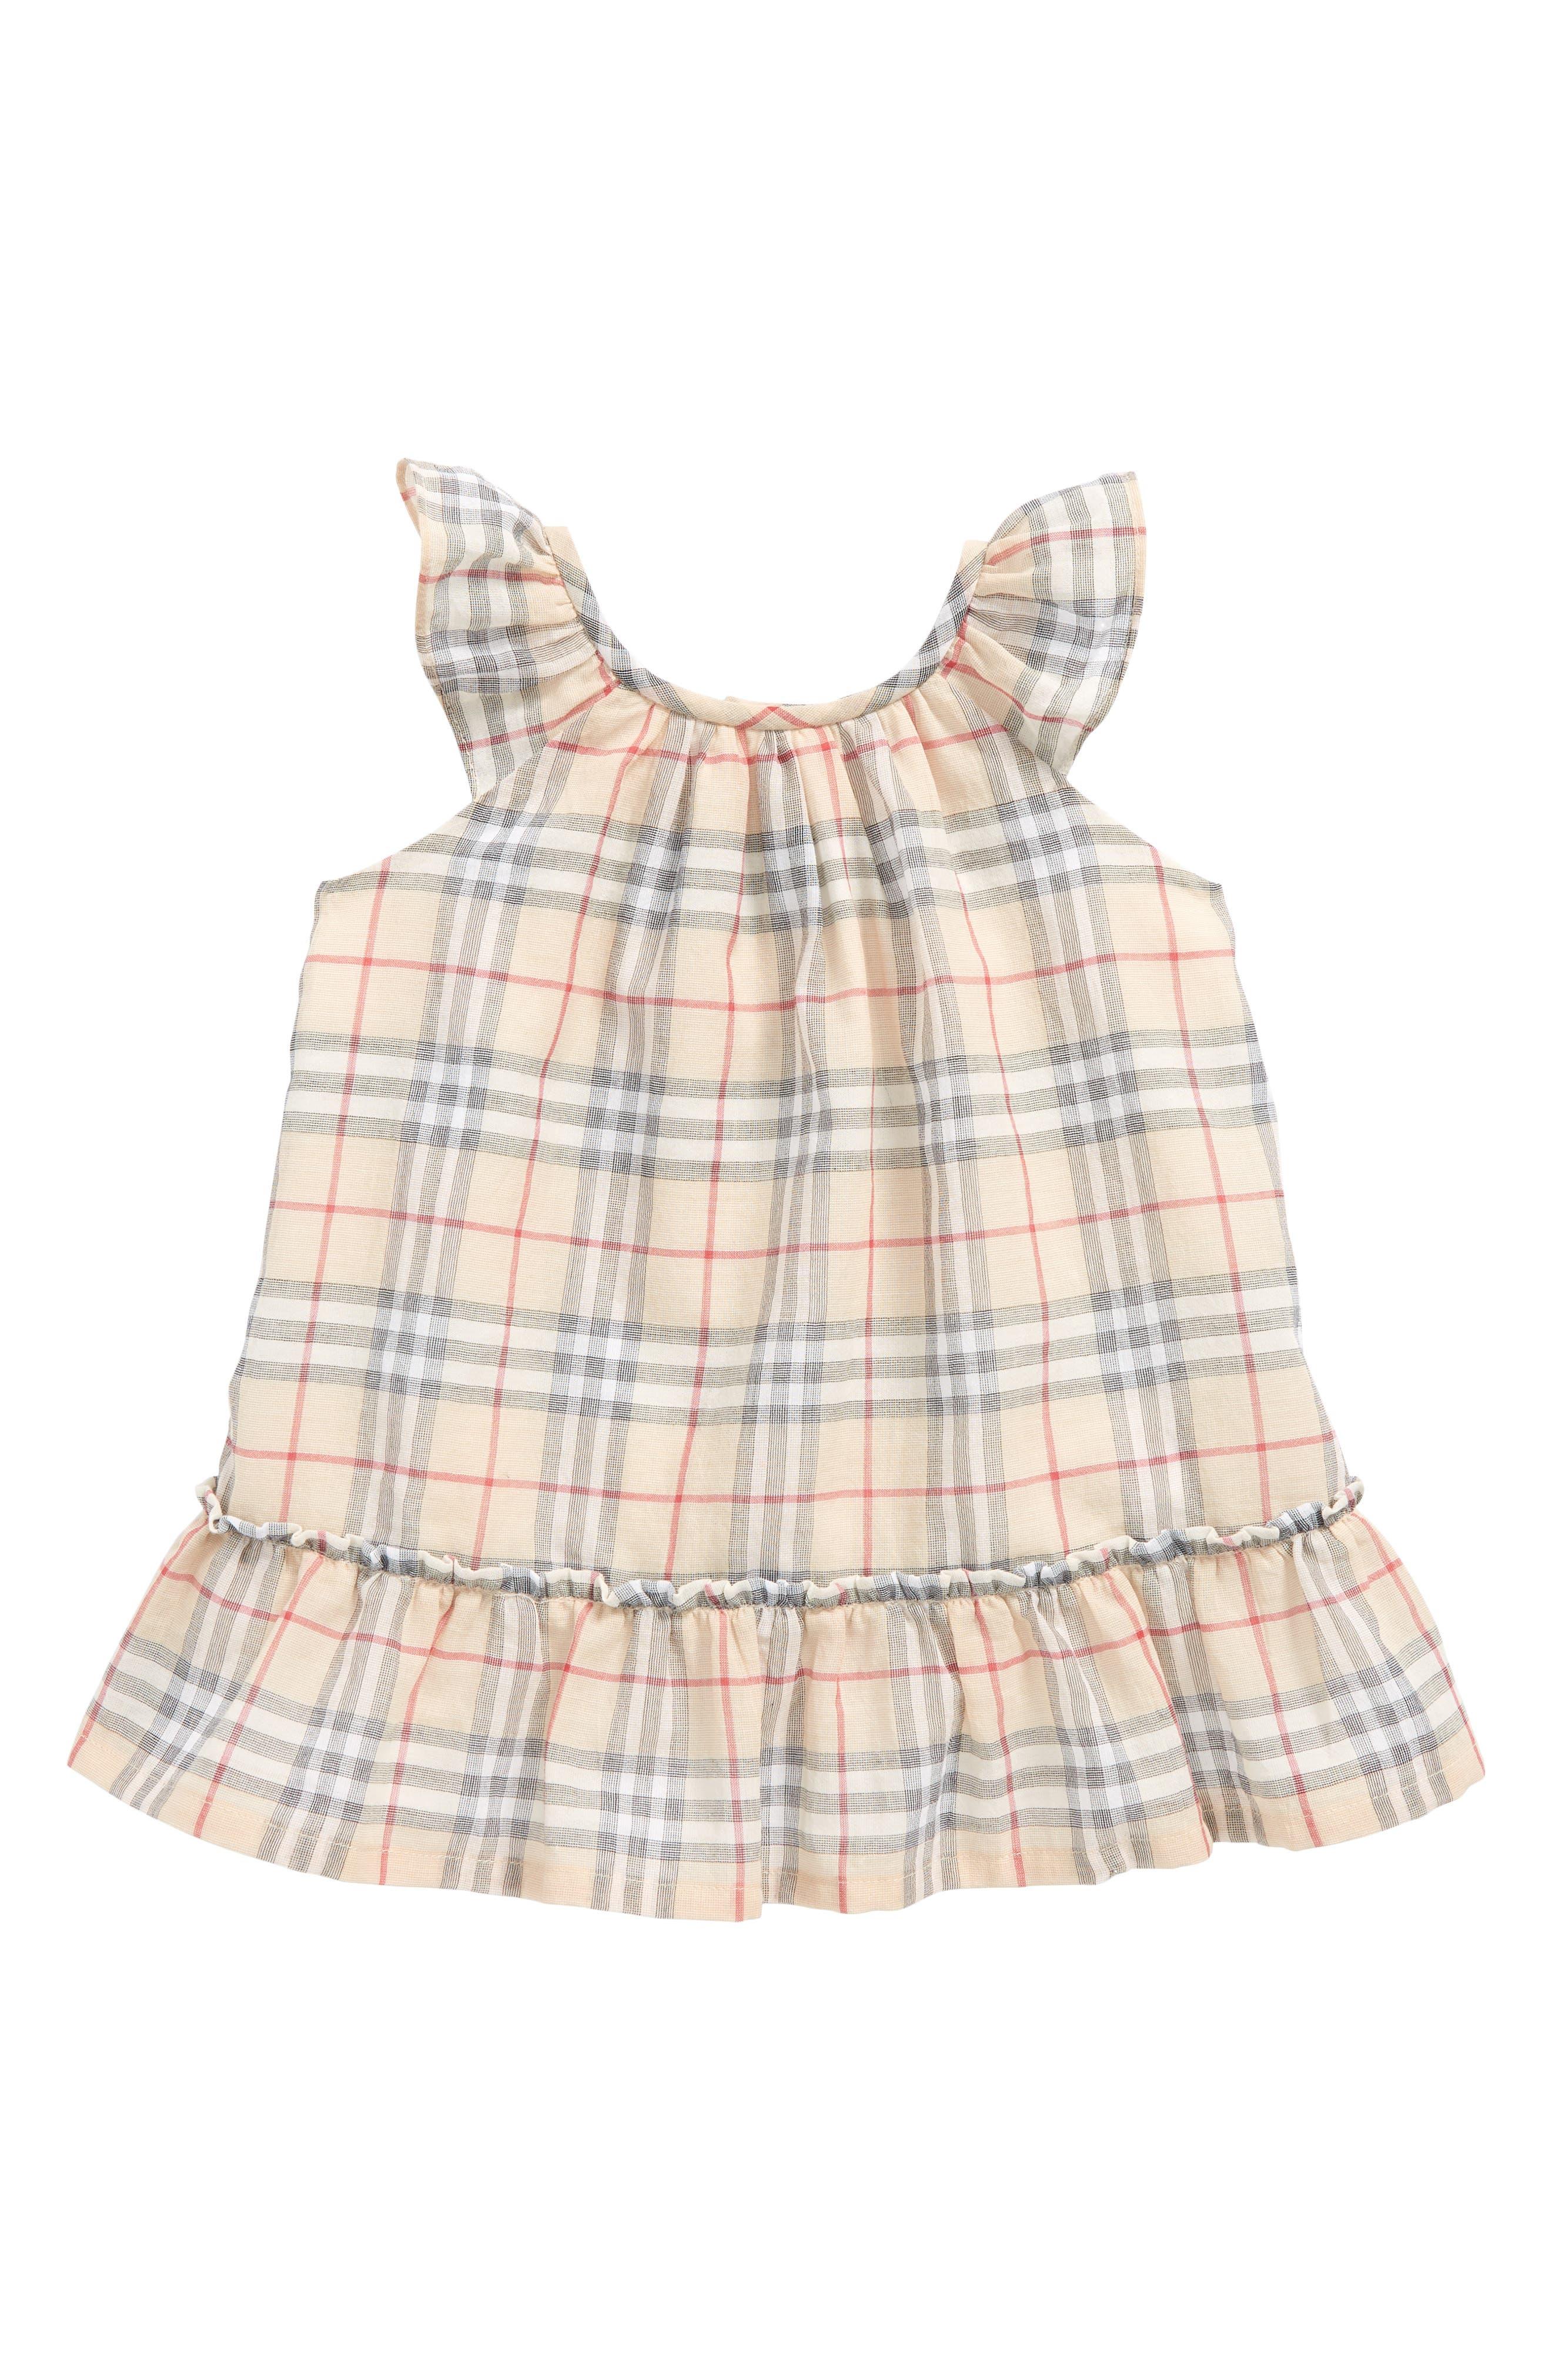 Tania Check Dress,                             Main thumbnail 1, color,                             275